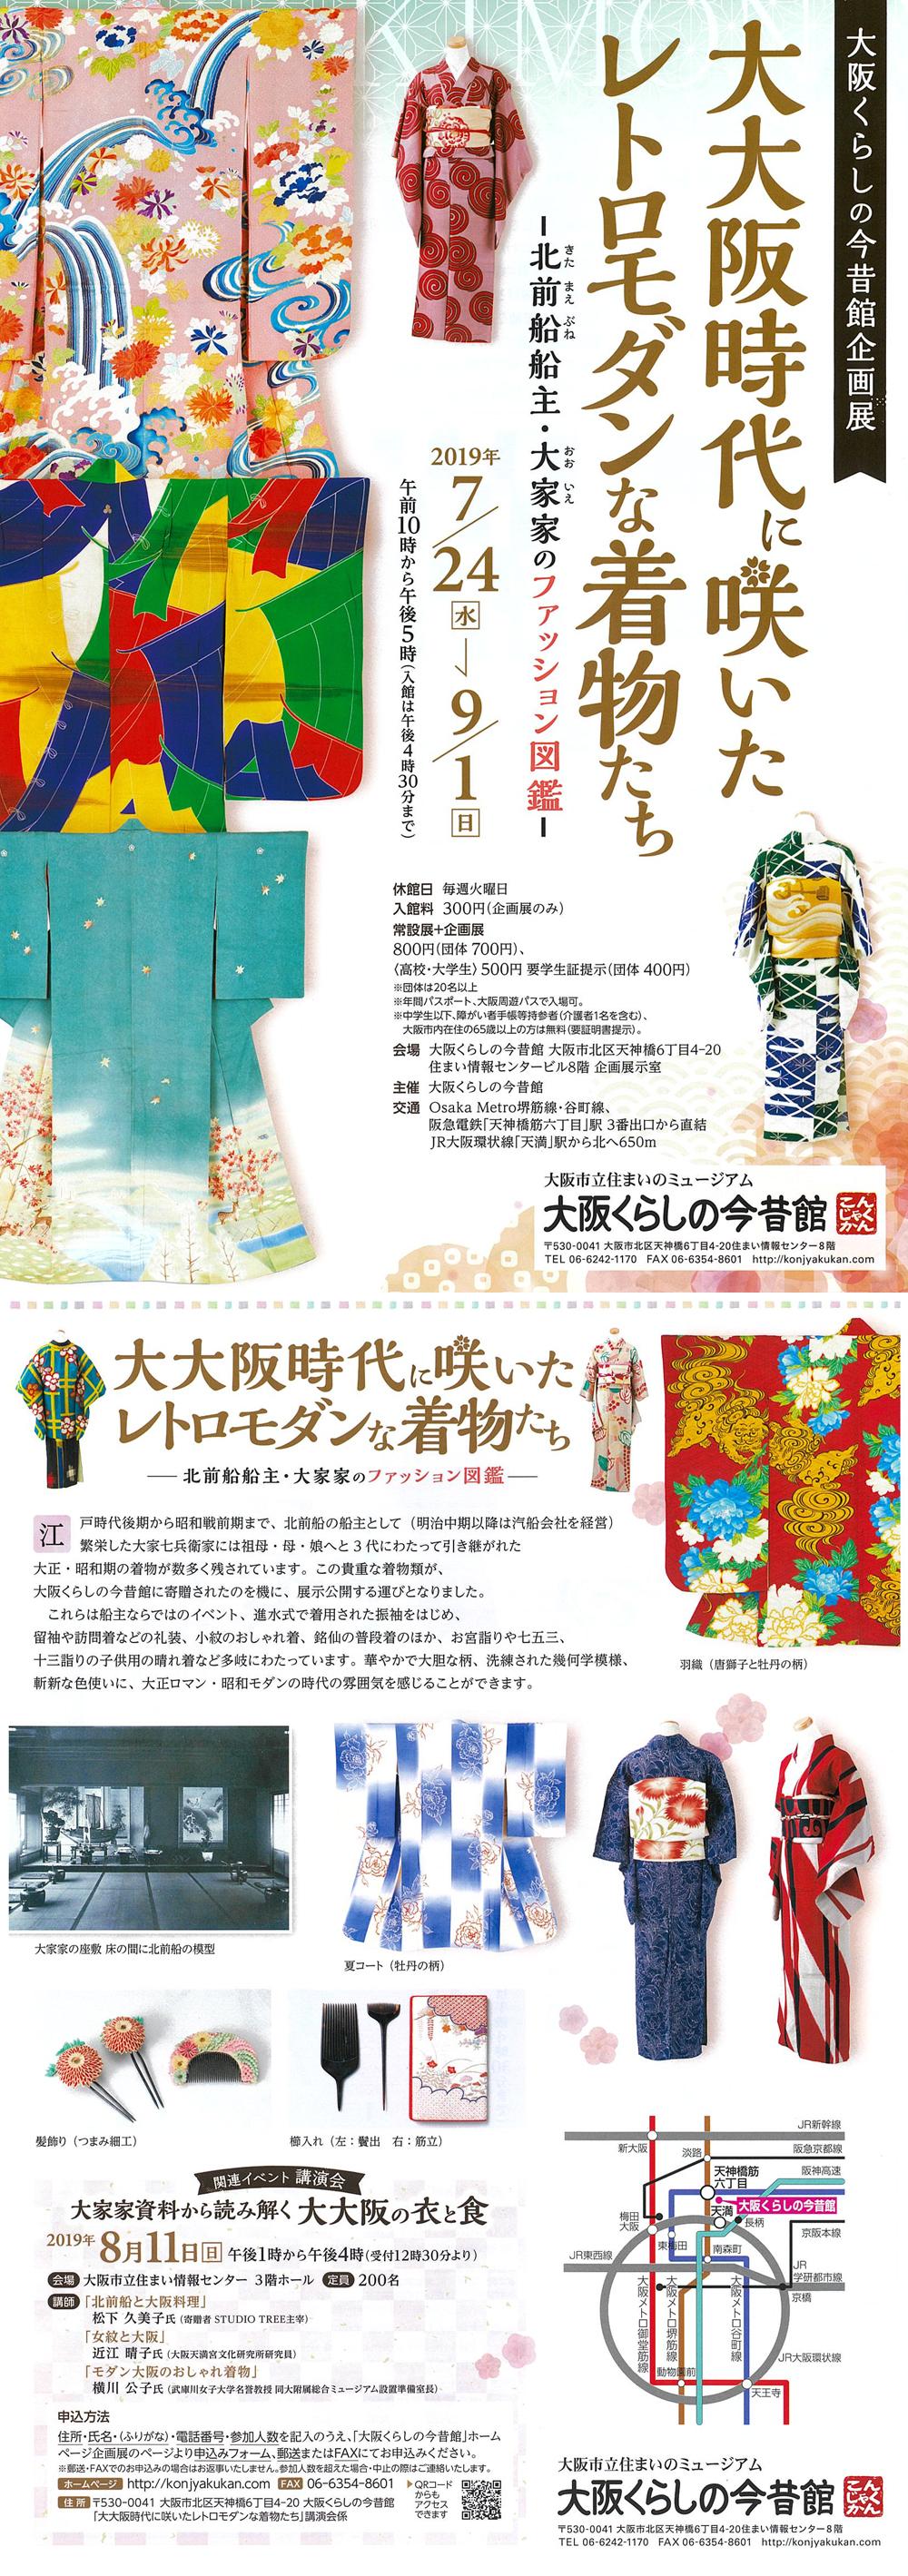 企画展示「大大阪時代に咲いたレトロモダンな着物たち~北前船(きたまえぶね)船主・大家(おおいえ)家のファッション図鑑~」